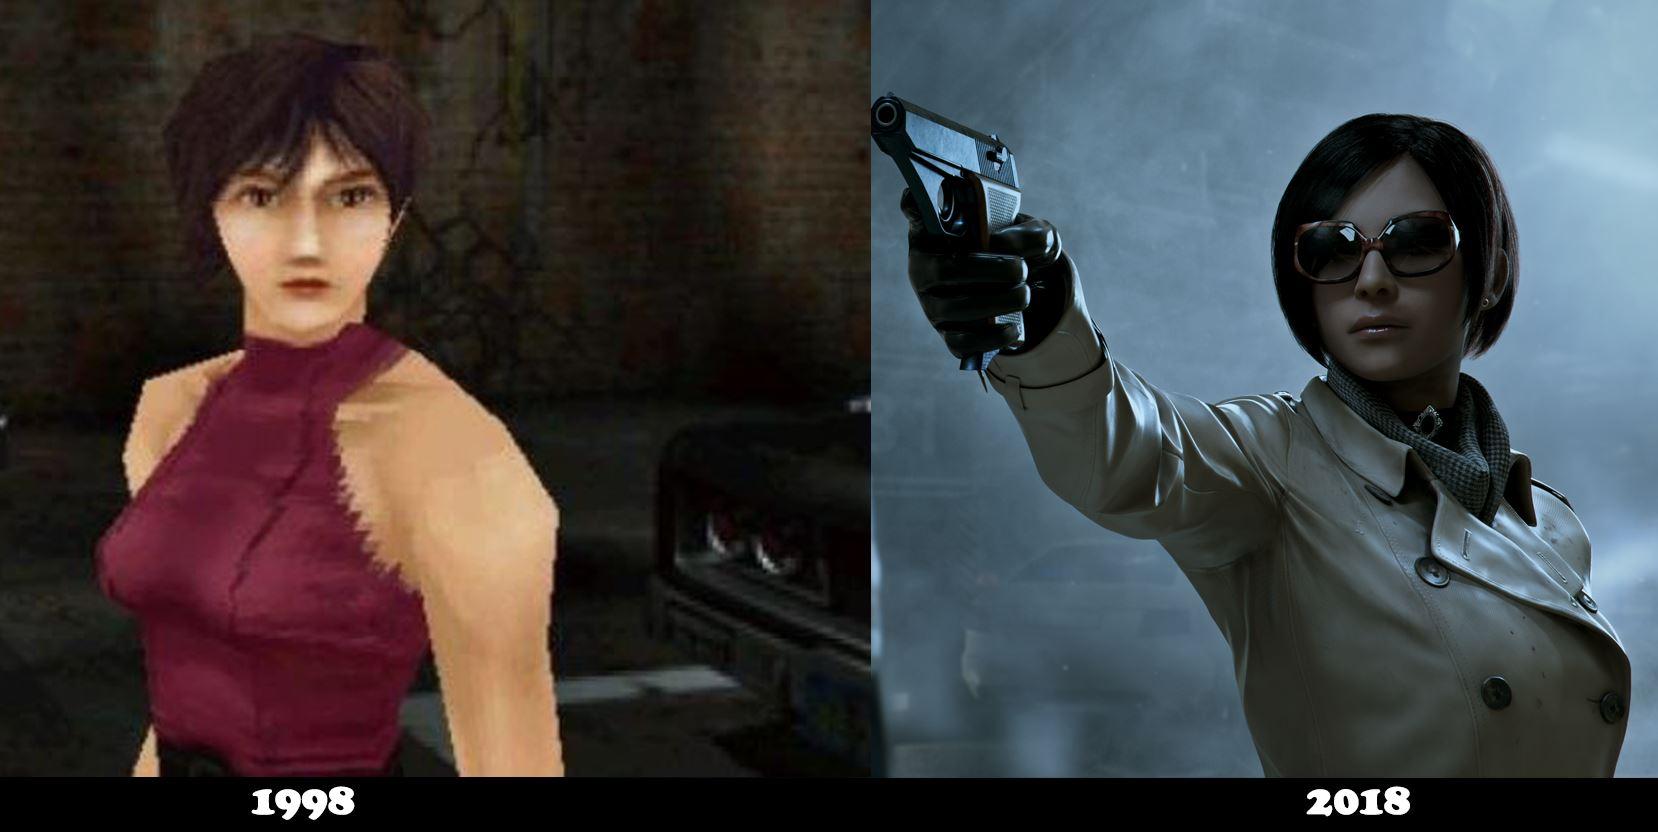 تصاویری از Resident Evil 2 منتشر شده که به مقایسه نسخه اصلی و Remake آن میپردازد